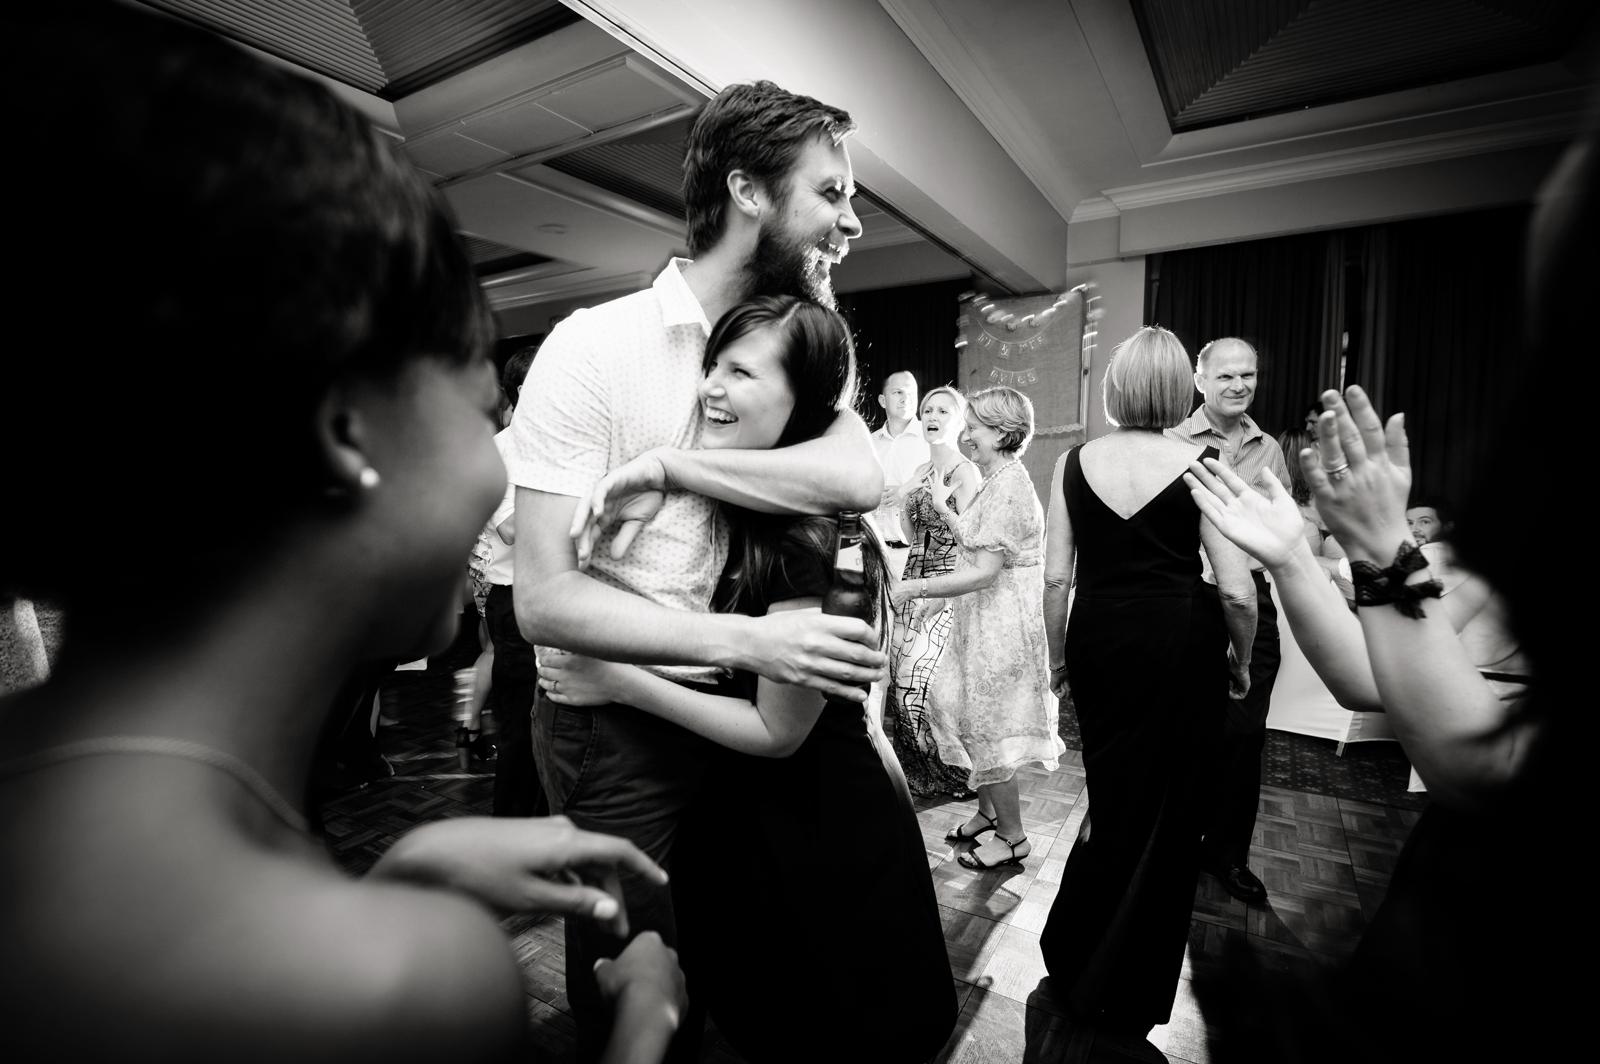 Man and woman hug on dance floor